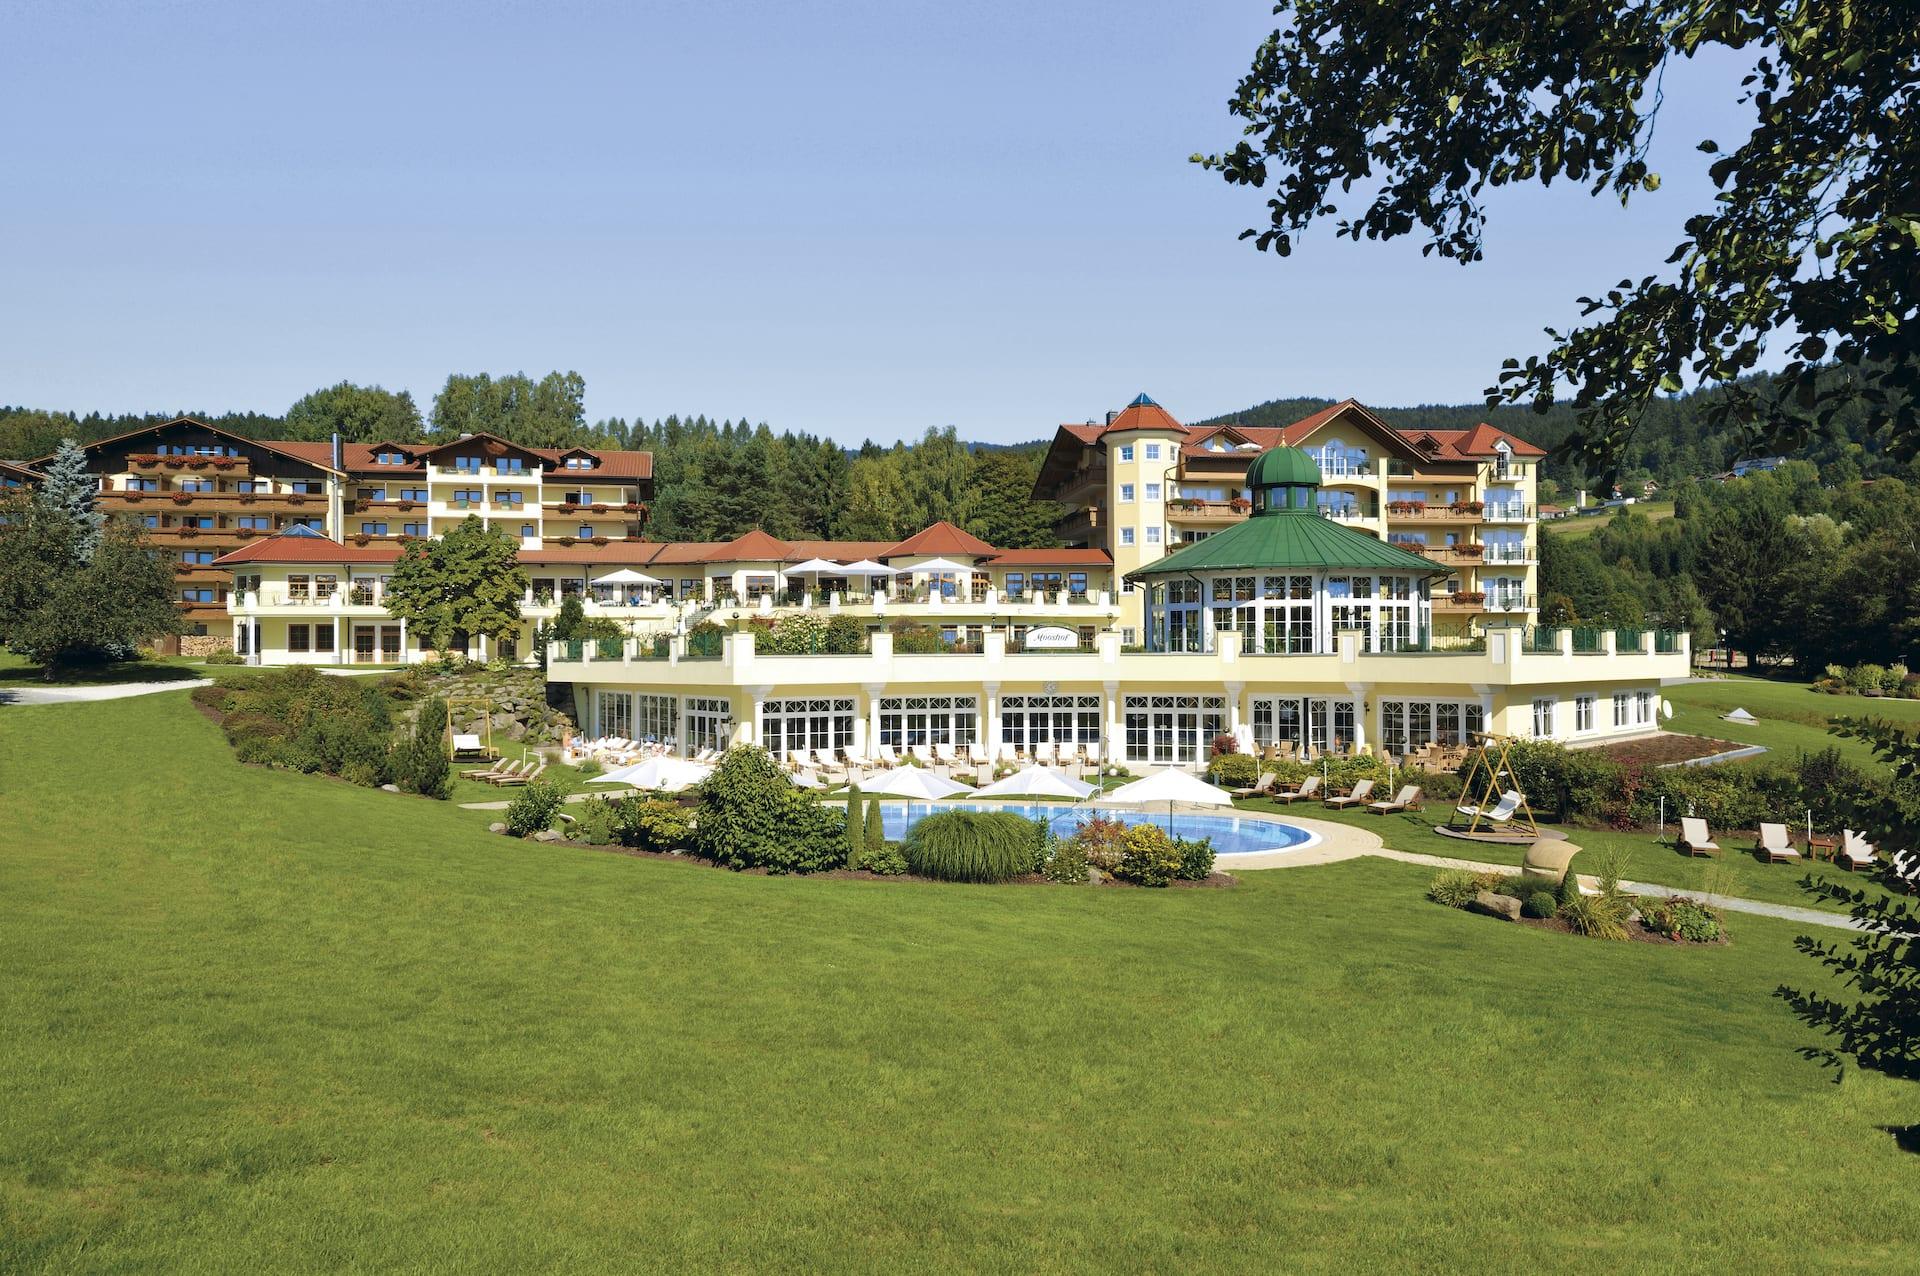 Wellness hotel bayerischer wald bayern hotel mooshof for Designhotel bayerischer wald